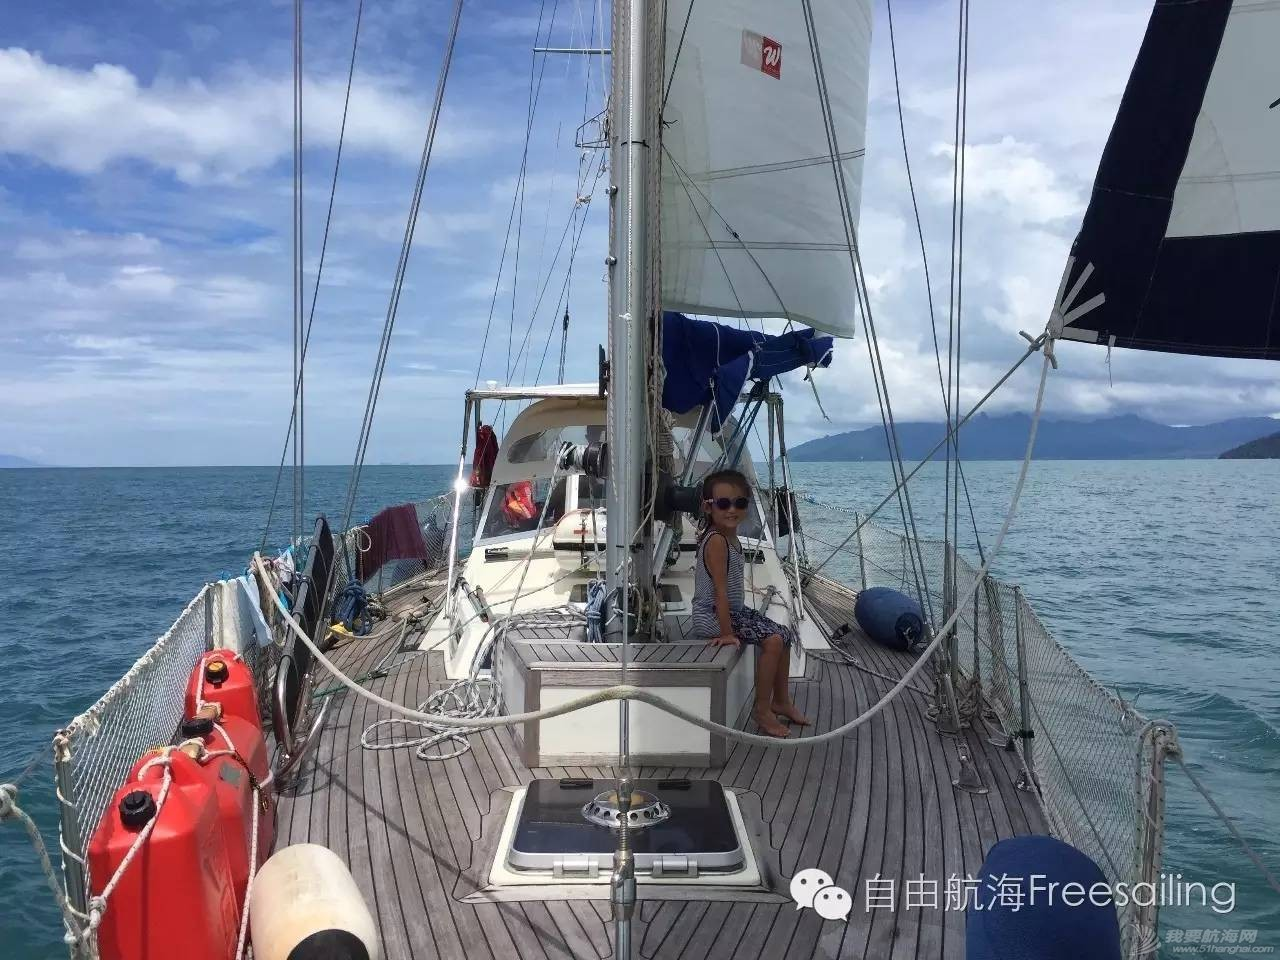 起航之前的故事——帆旅周记第四篇 a4260cc8ab218a845e7ef4414ef1a529.jpg